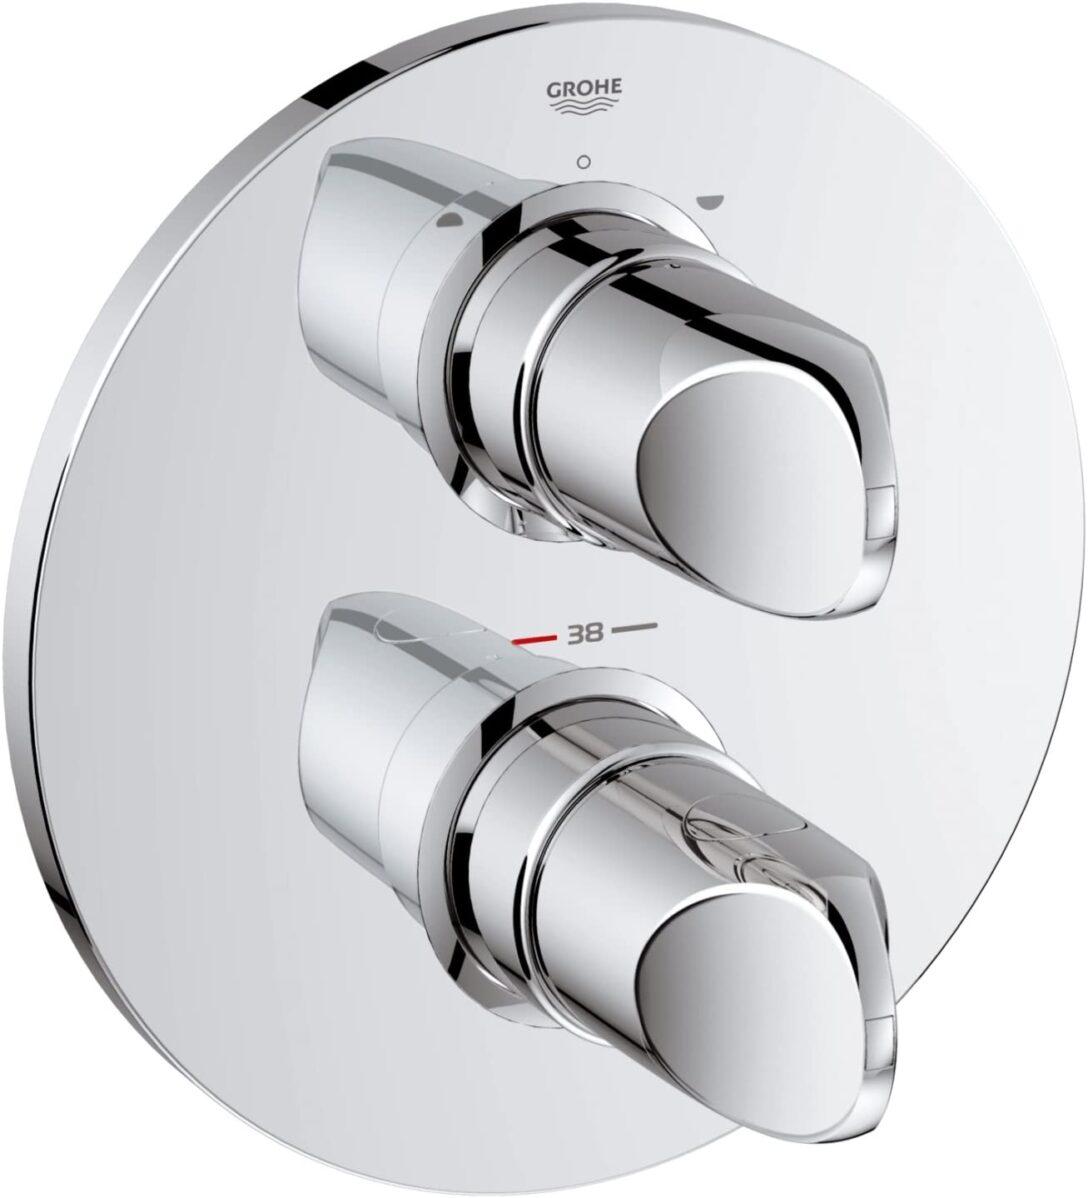 Large Size of Thermostat Dusche Bodengleich Bluetooth Lautsprecher Schiebetür Fliesen Ebenerdige Kosten Mischbatterie Koralle Siphon 80x80 Eckeinstieg Unterputz Grohe Walk Dusche Grohe Thermostat Dusche